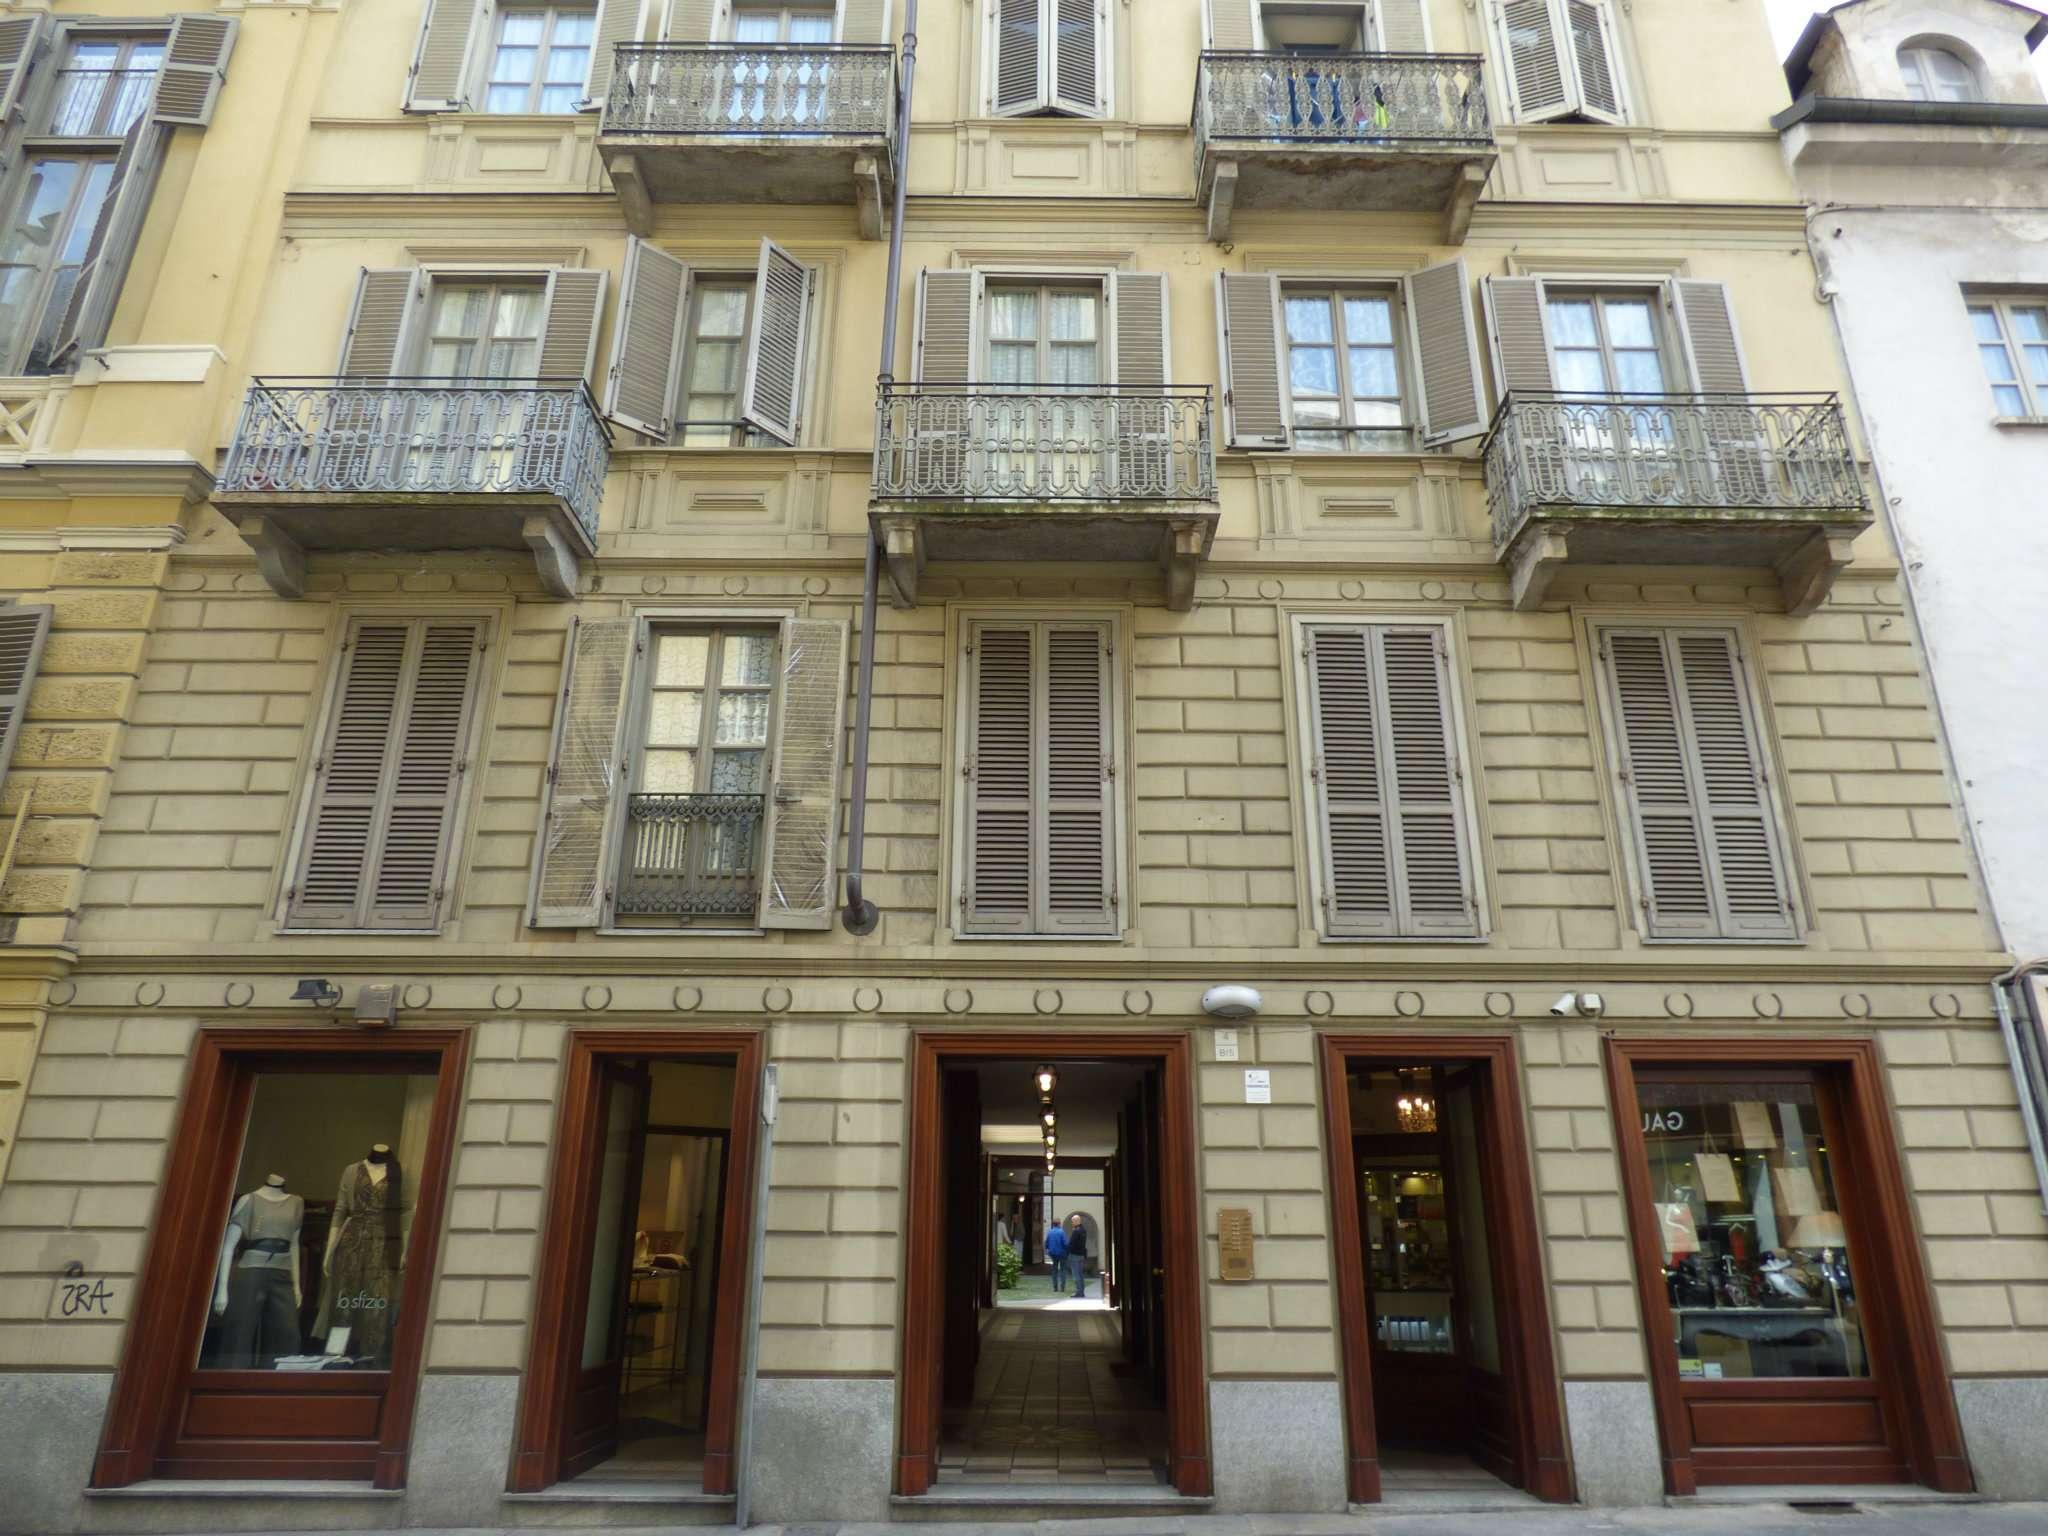 Negozio / Locale in affitto a Torino, 3 locali, zona Zona: 1 . Centro, Quadrilatero Romano, Repubblica, Giardini Reali, prezzo € 1.950 | CambioCasa.it